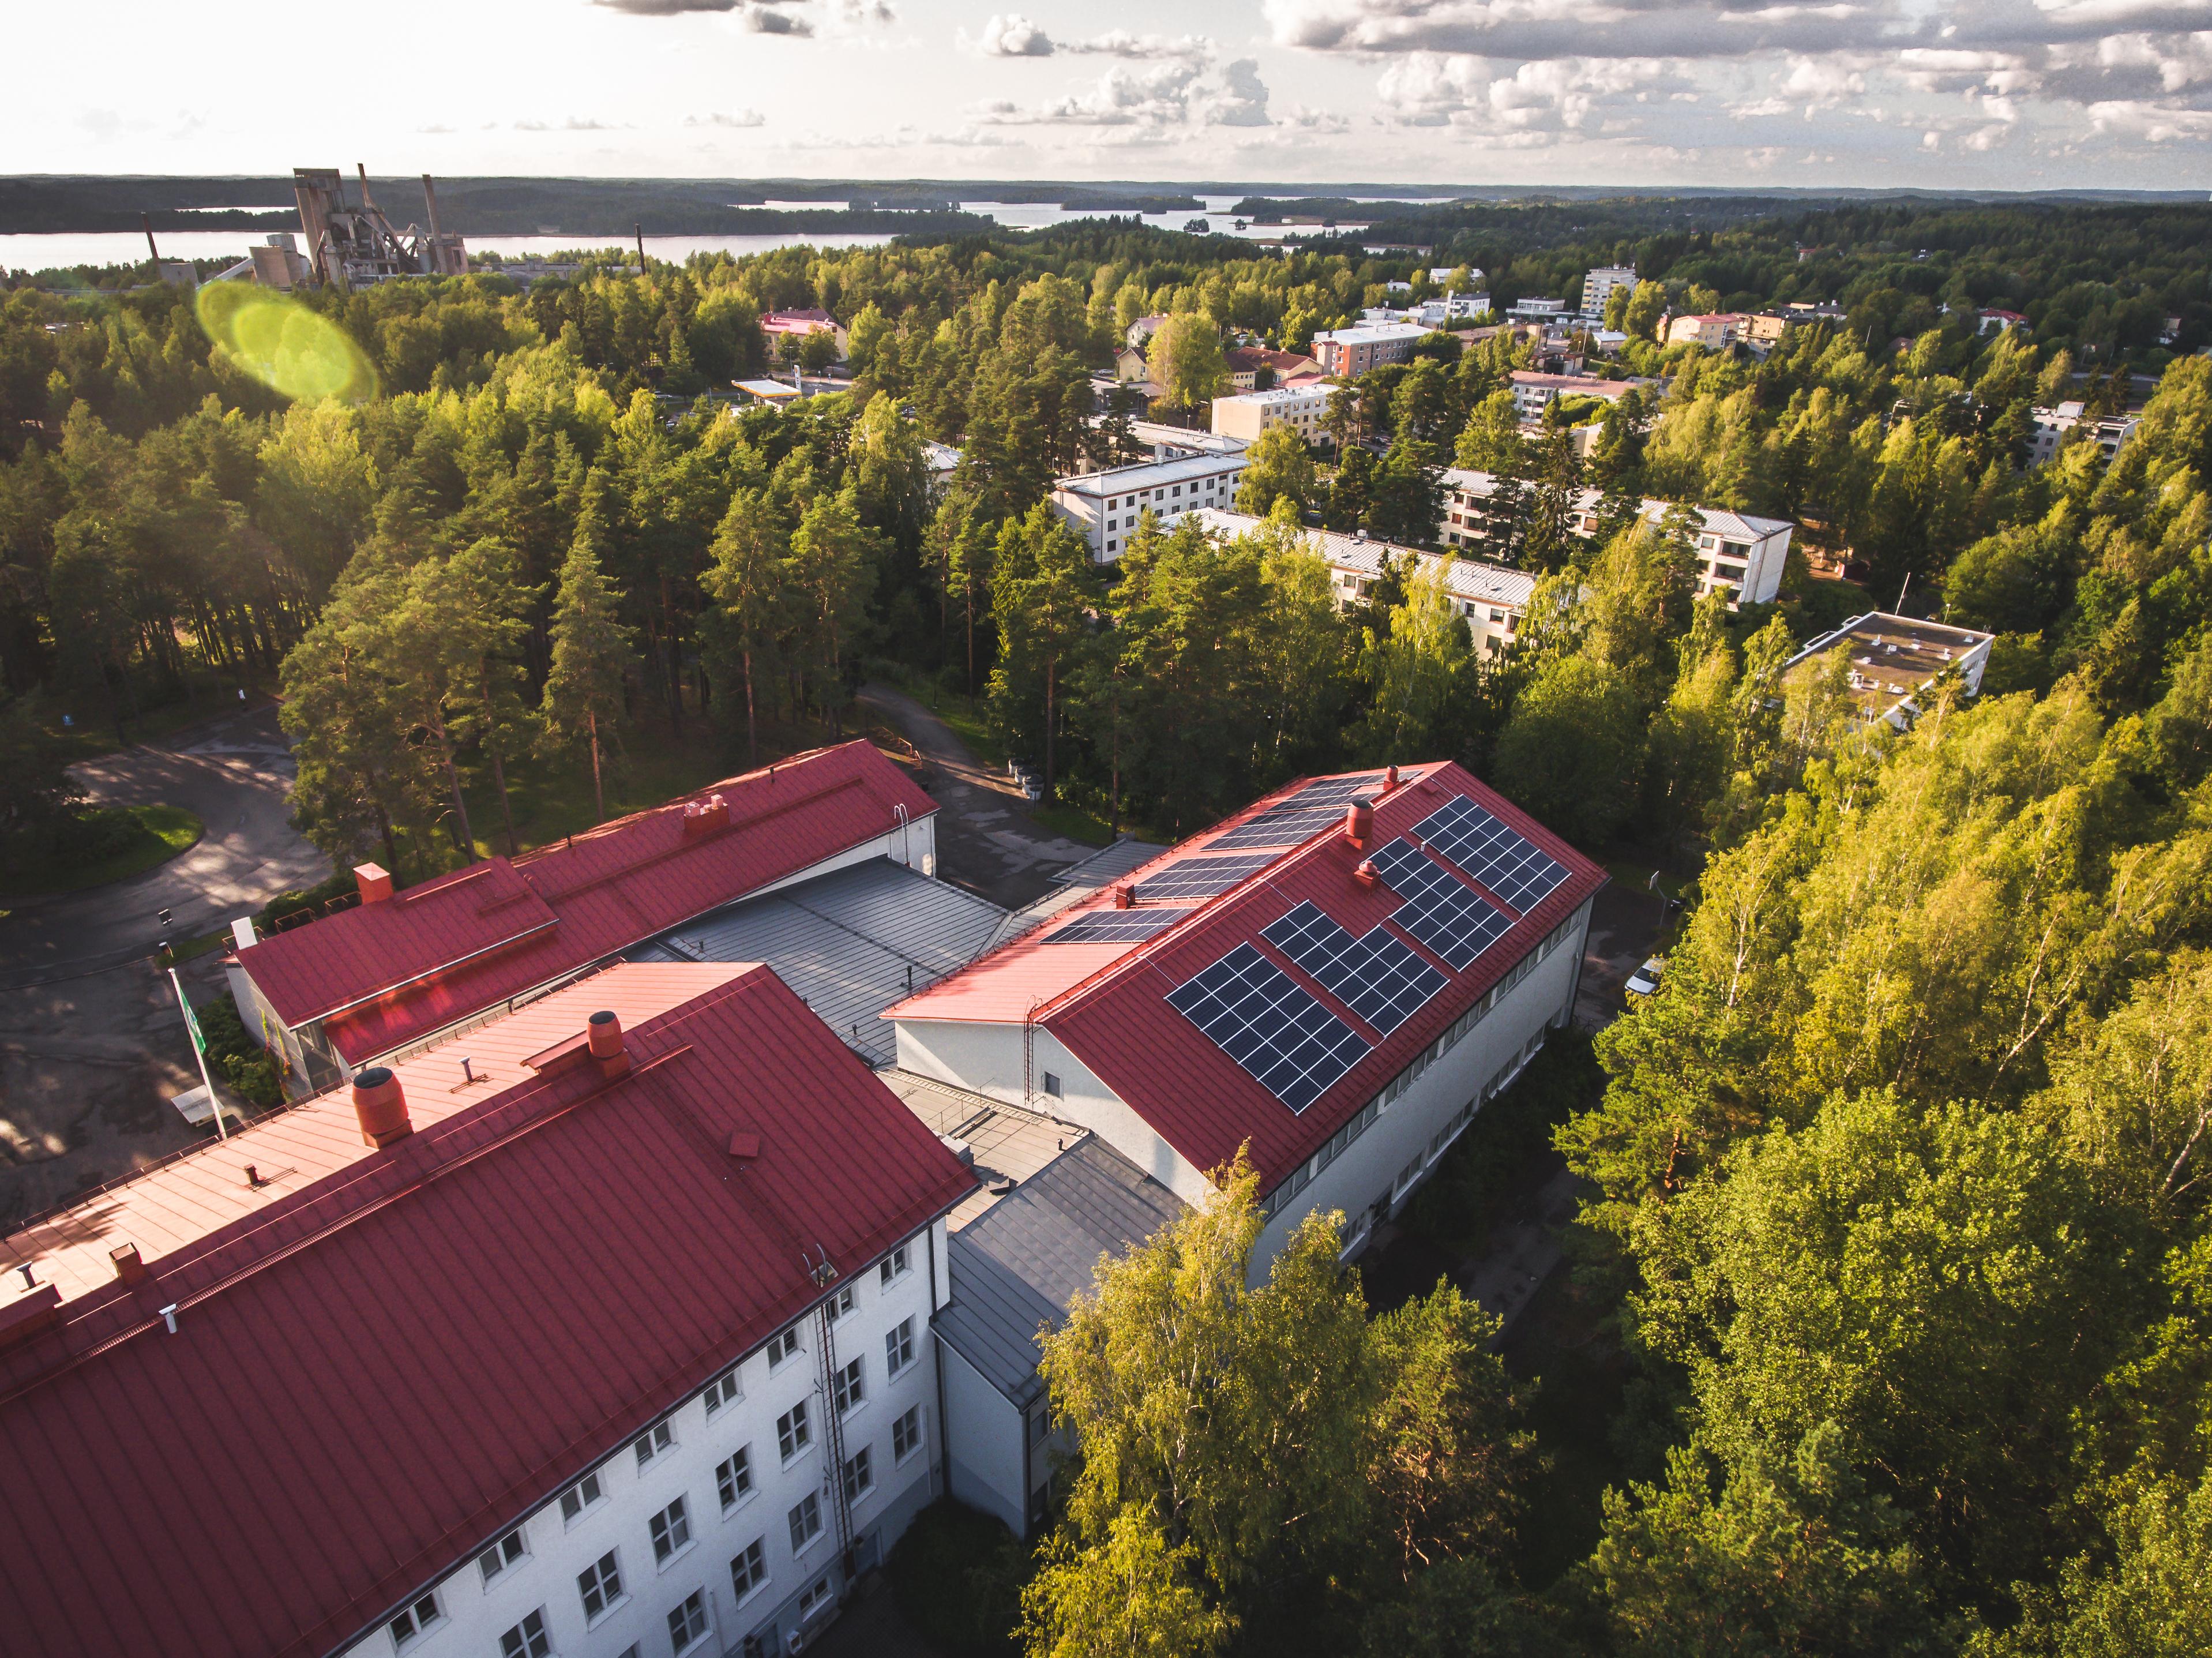 Ilmakuva Källhagenin koulun katolle asennetuista aurinkopaneeleista.